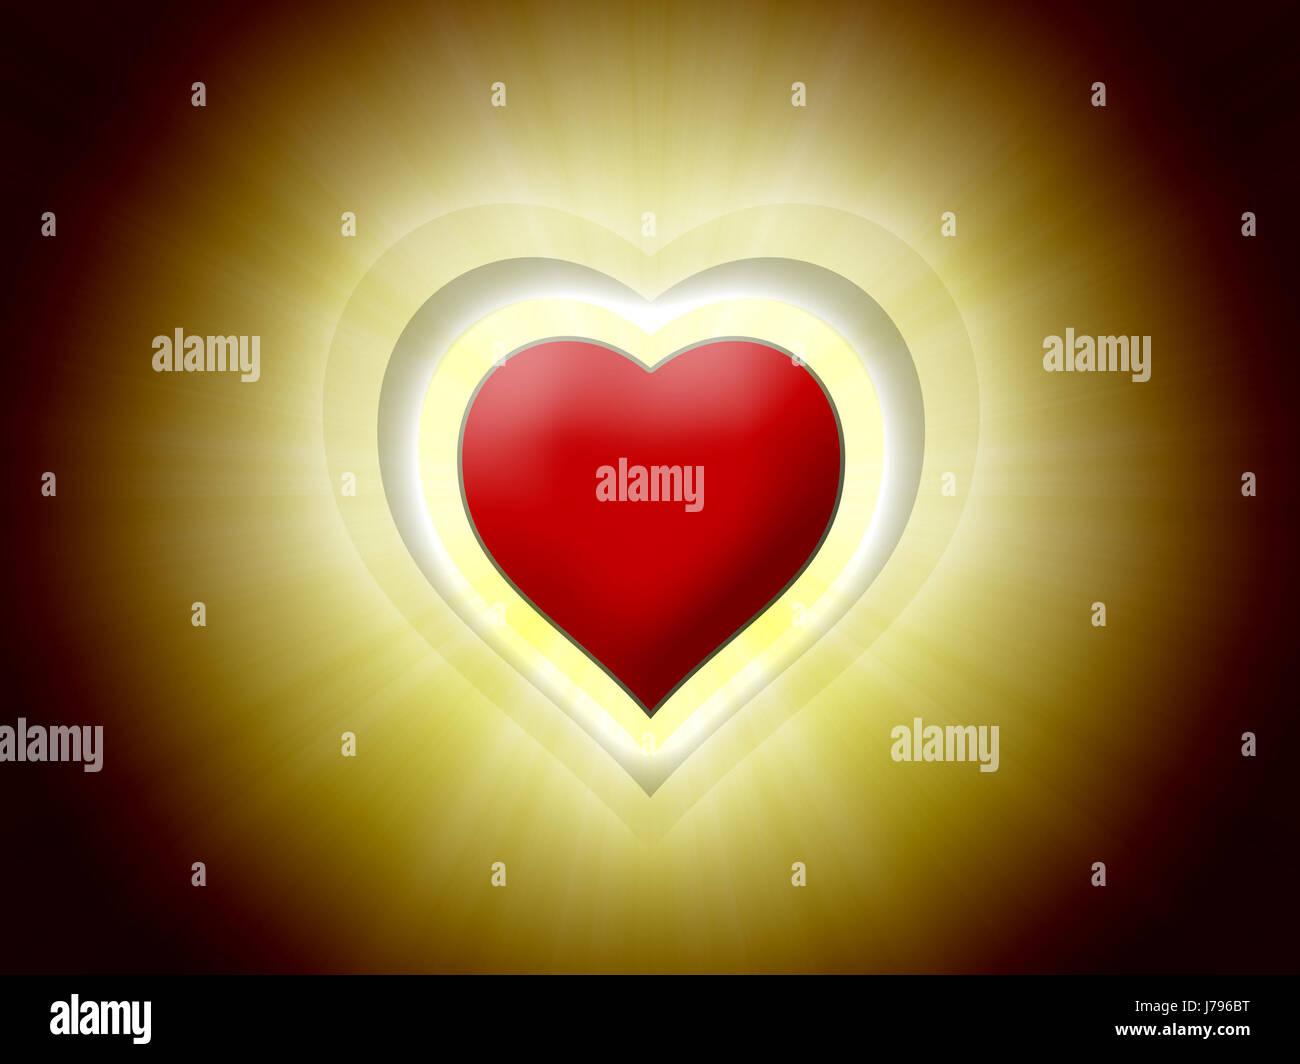 heart light 09 - Stock Image